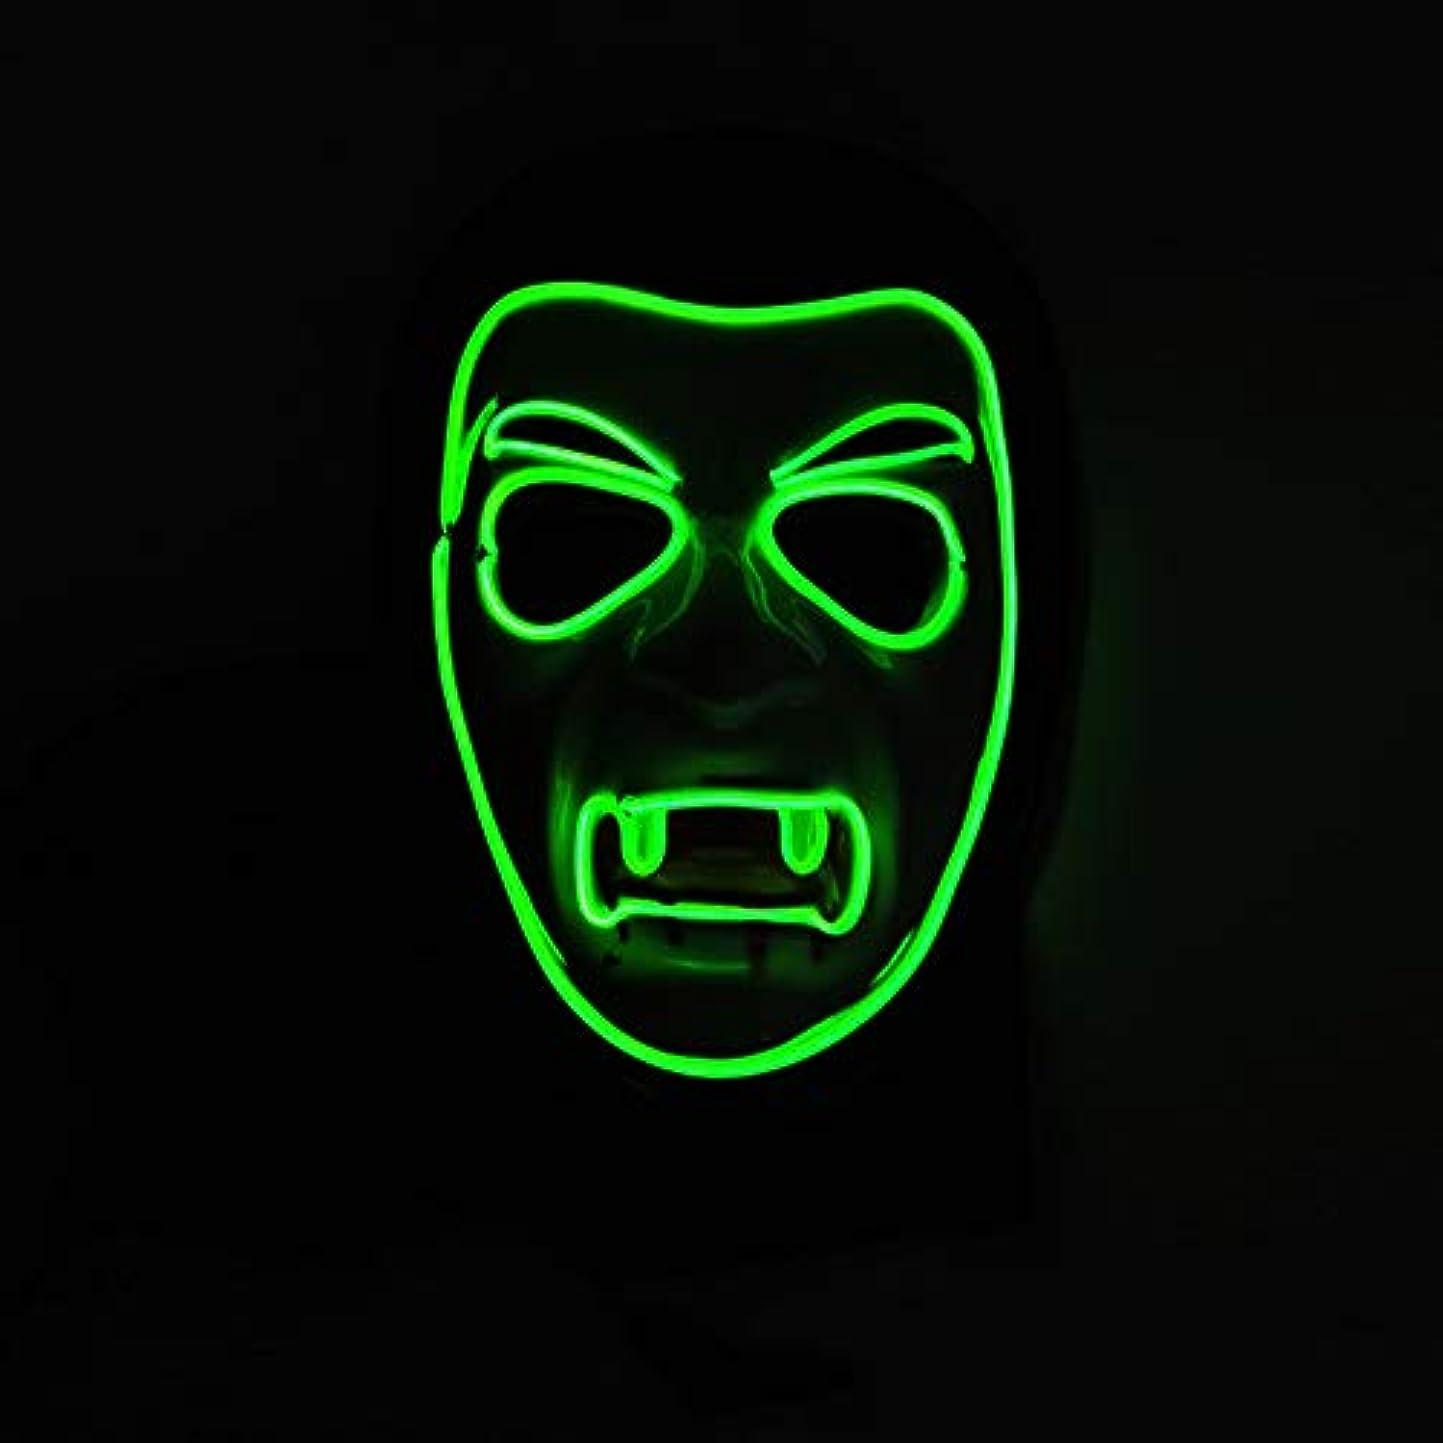 スキャン川新しさハロウィン 吸血鬼 テロ イルミネーション LED マスク エル ワイヤー 化粧 プロム パーティー 装飾 マスク (18 * 18 * 9センチメートル) MAG.AL